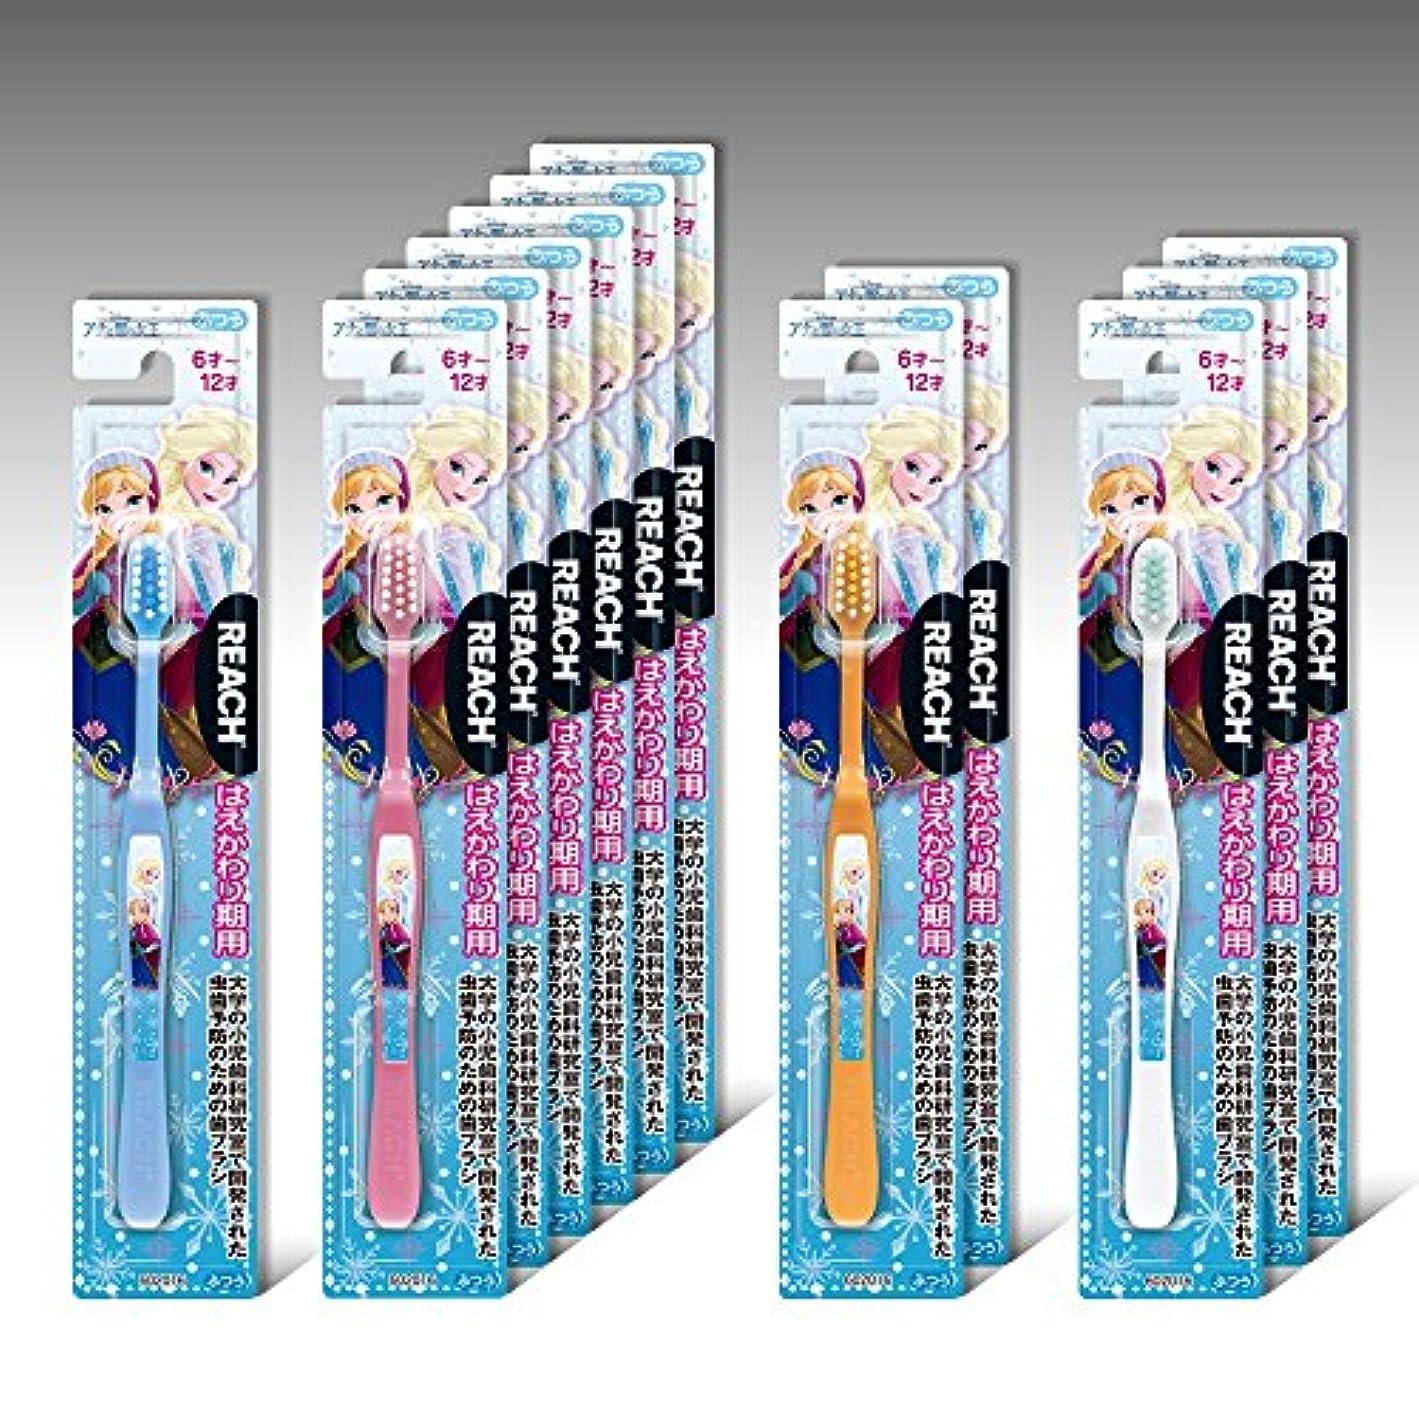 札入れ贈り物加速度リーチキッズ ディズニー アナと雪の女王 はえかわり期用(6~12才) 12本セット